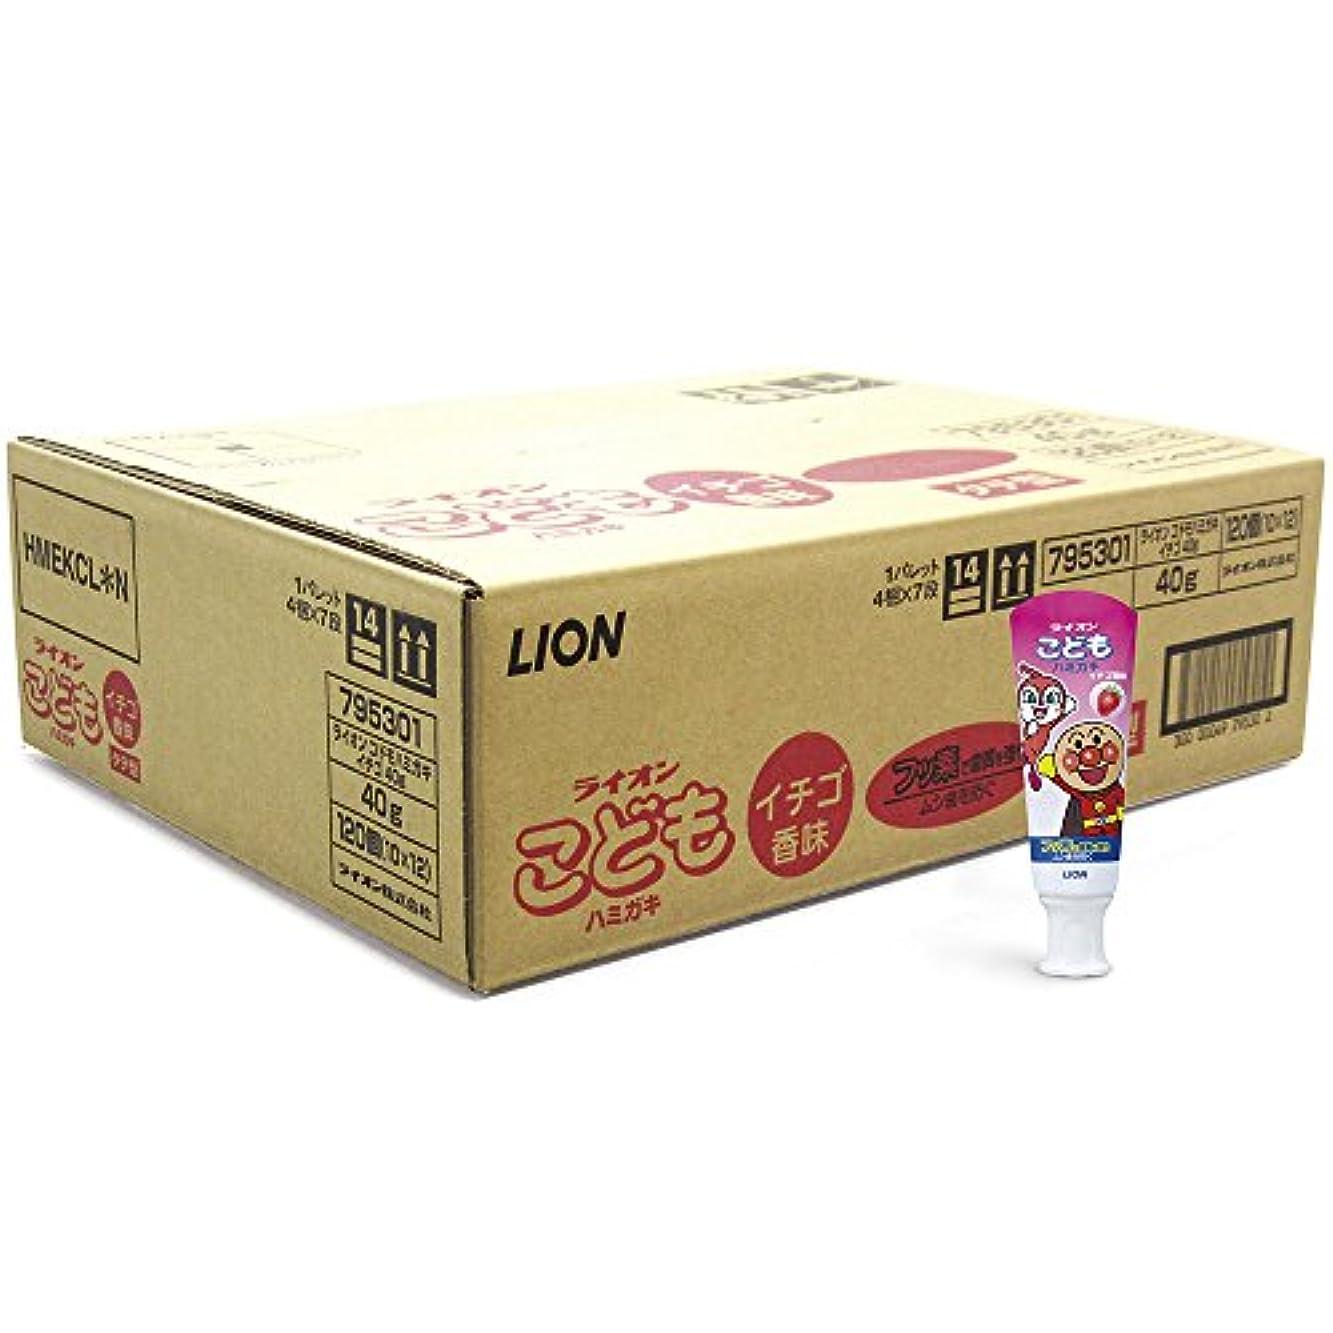 匹敵しますではごきげんようビート【ケース販売】ライオン こどもハミガキ アンパンマン イチゴ香味 40g×120個パック (医薬部外品)